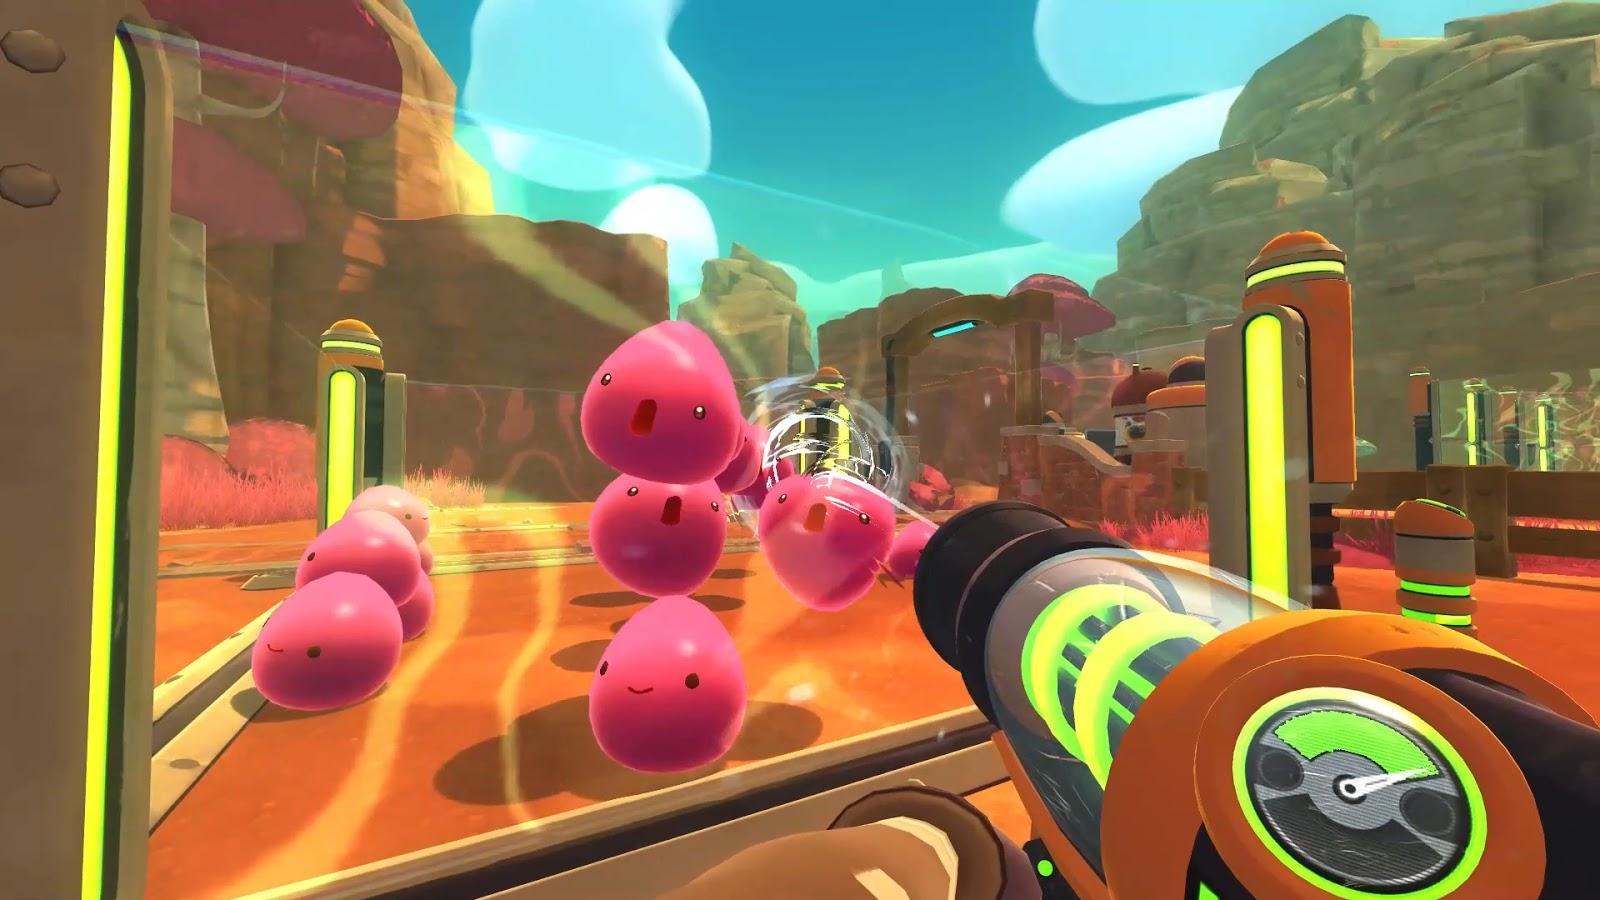 تحميل لعبة slime rancher اخر اصدار 2019